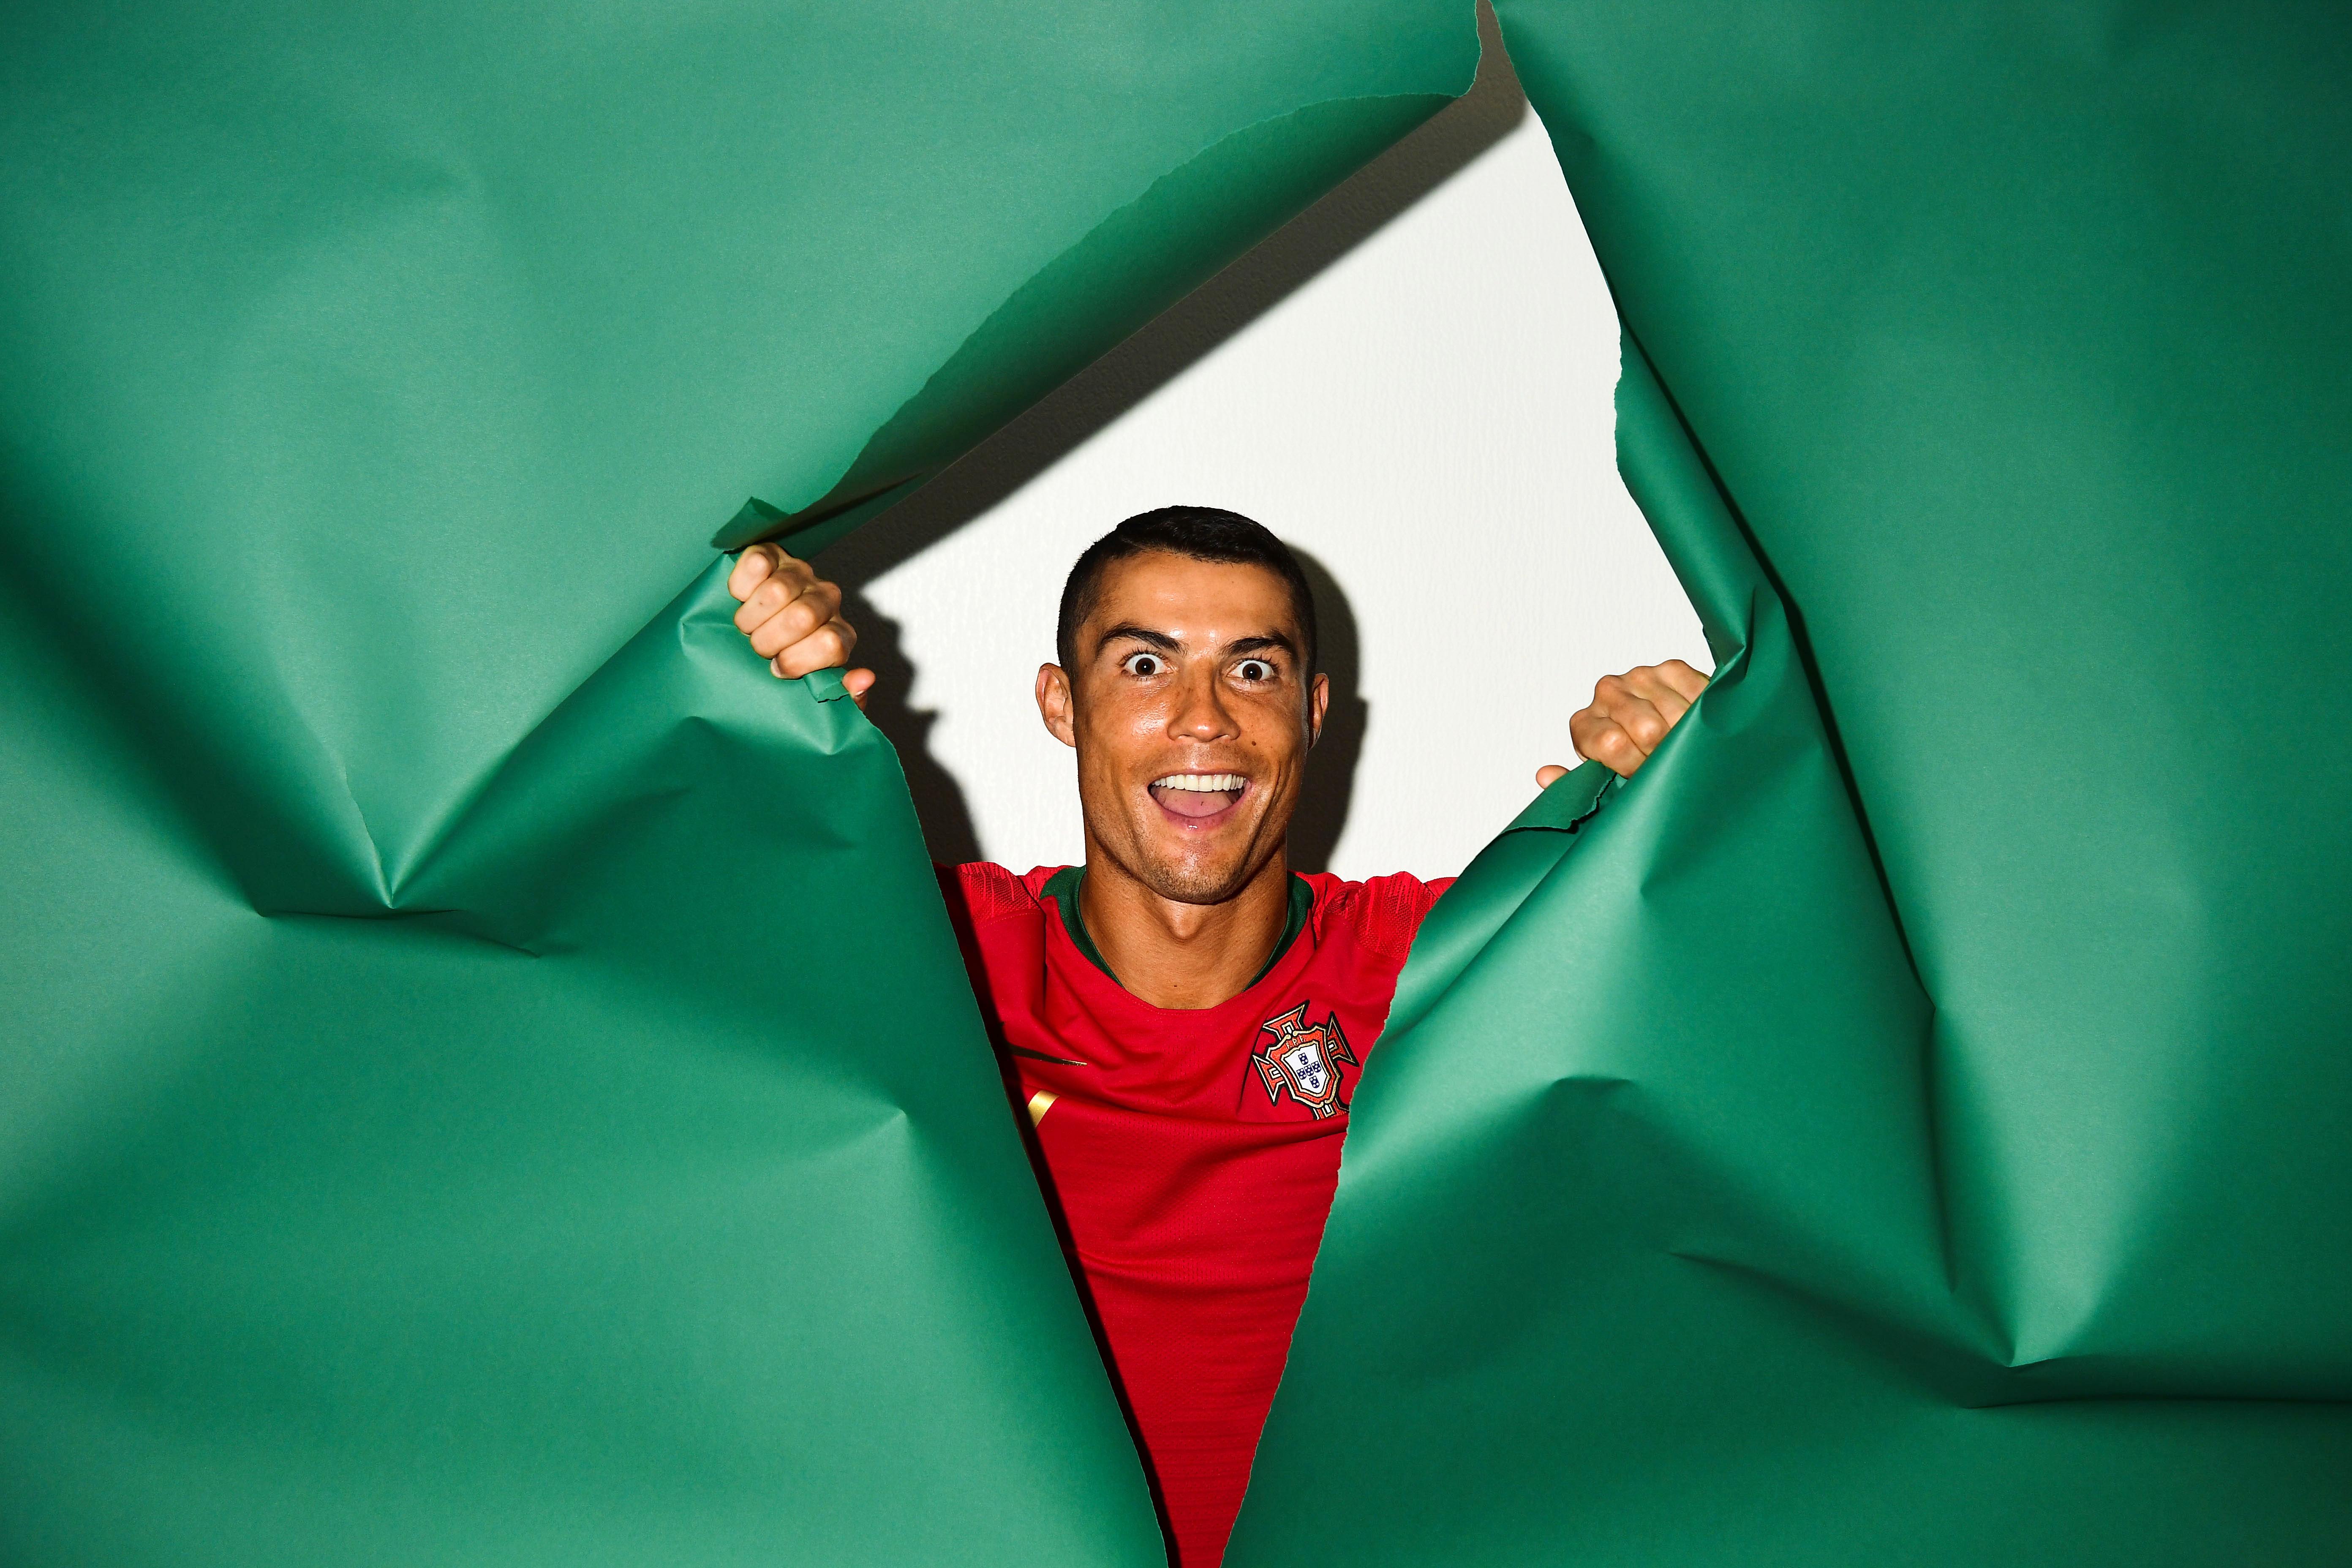 1920x1080 Cristiano Ronaldo Portugal Portrait 2018 Laptop